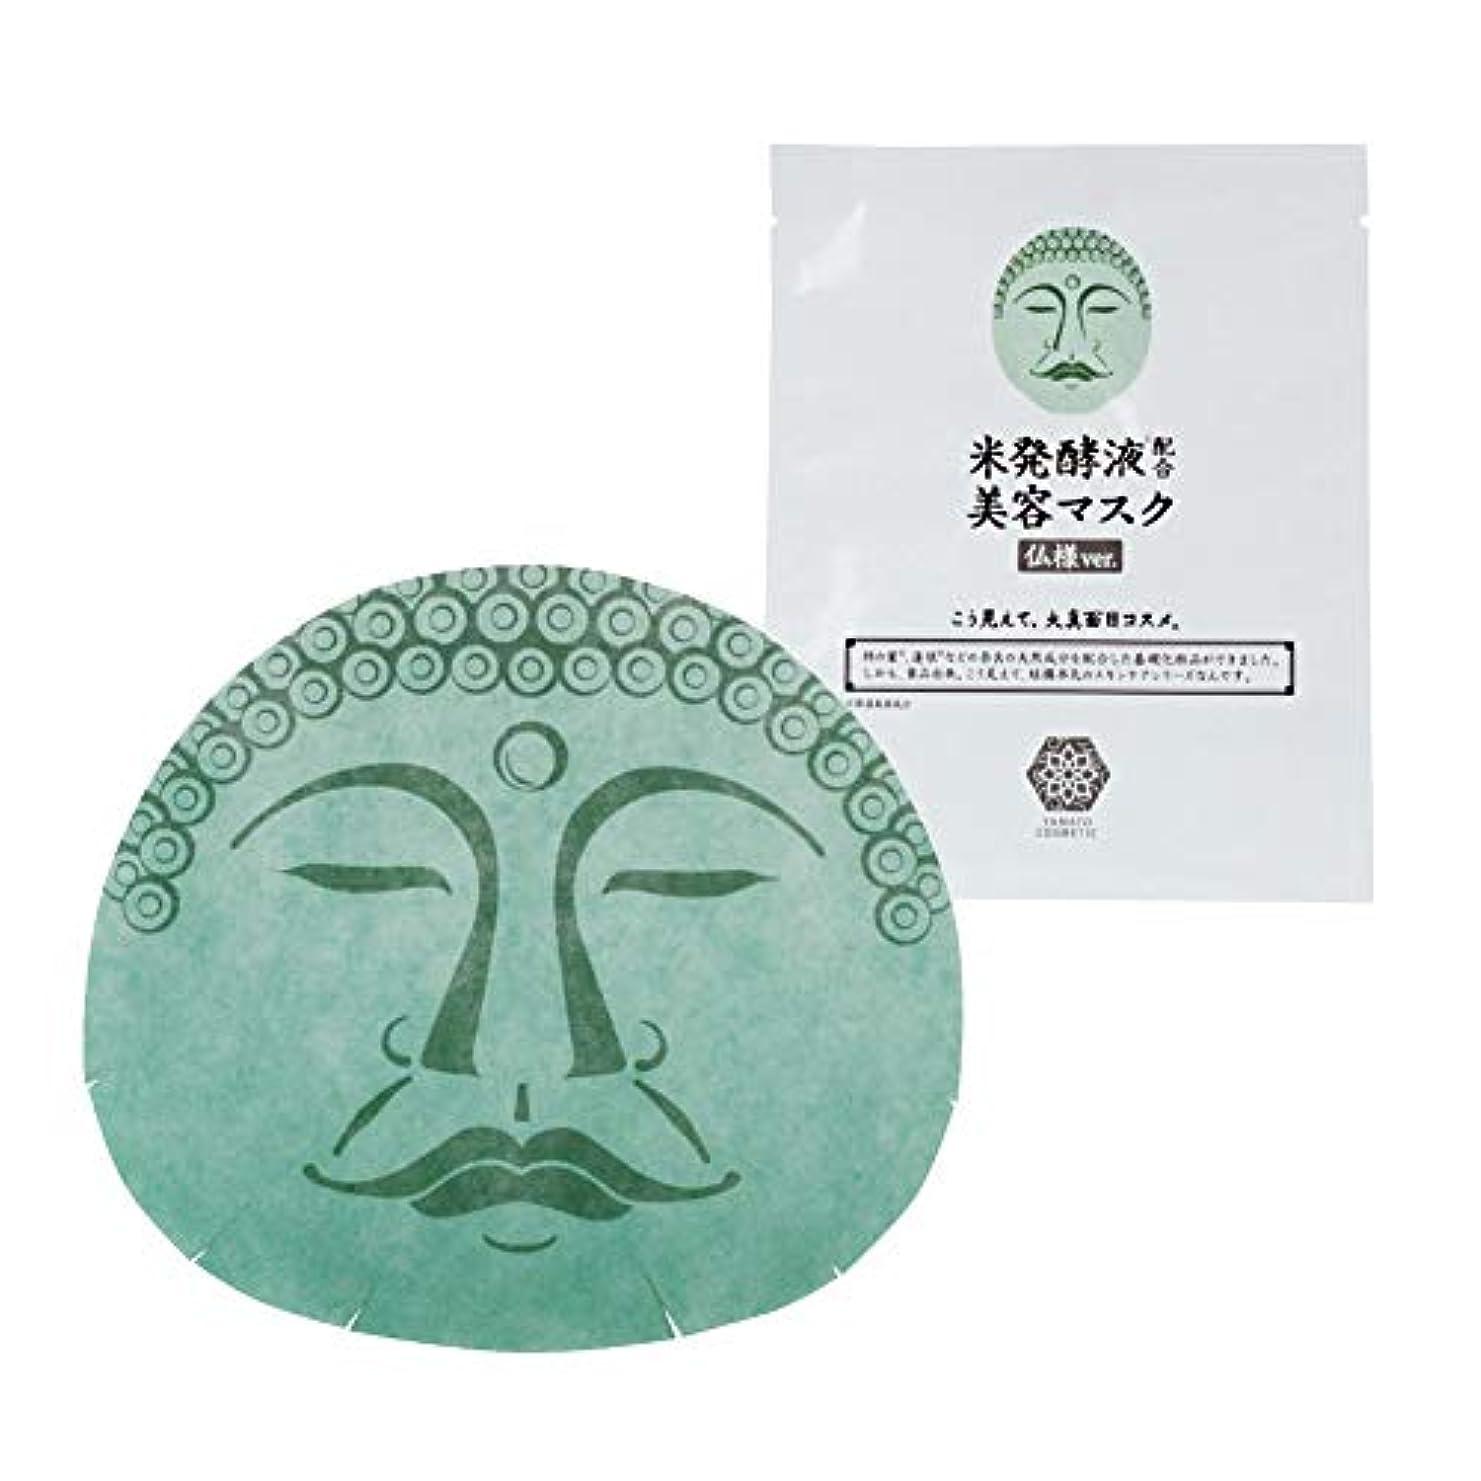 エロチック万一に備えてせせらぎやまとコスメティック 美容液マスク 25mL 1枚 仏様 仏様パック